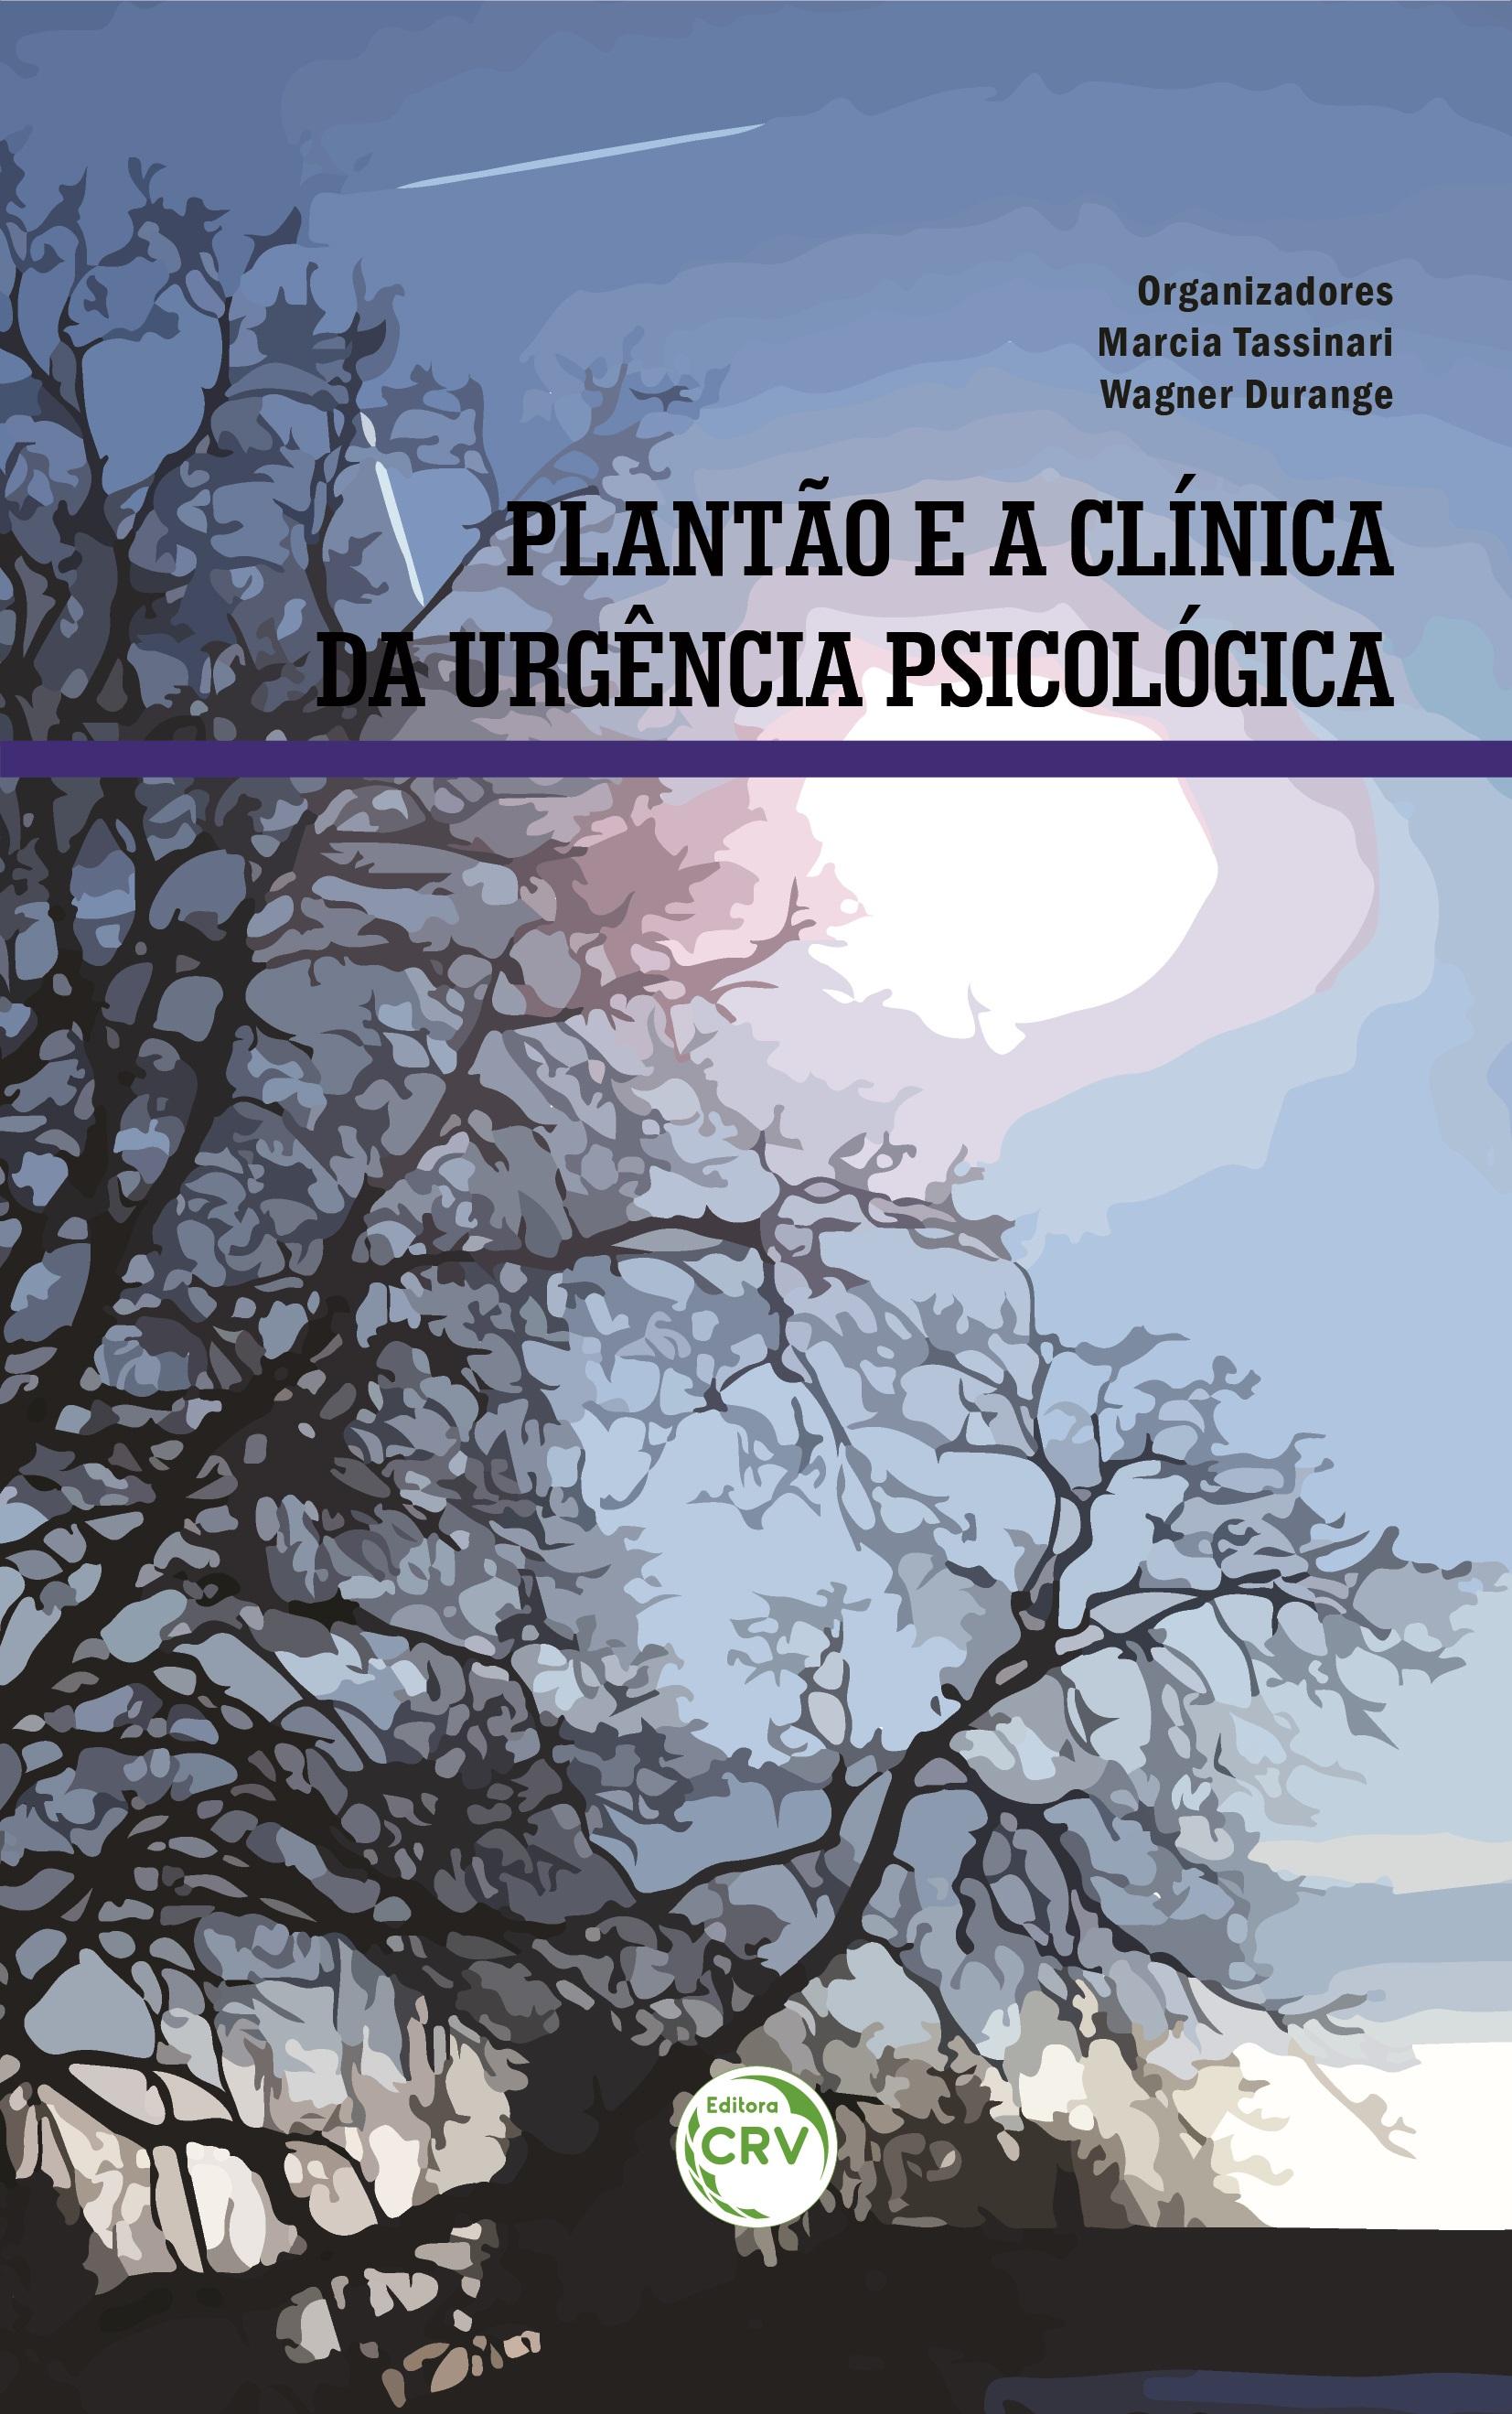 Capa do livro: PLANTÃO E A CLÍNICA DA URGÊNCIA PSICOLÓGICA